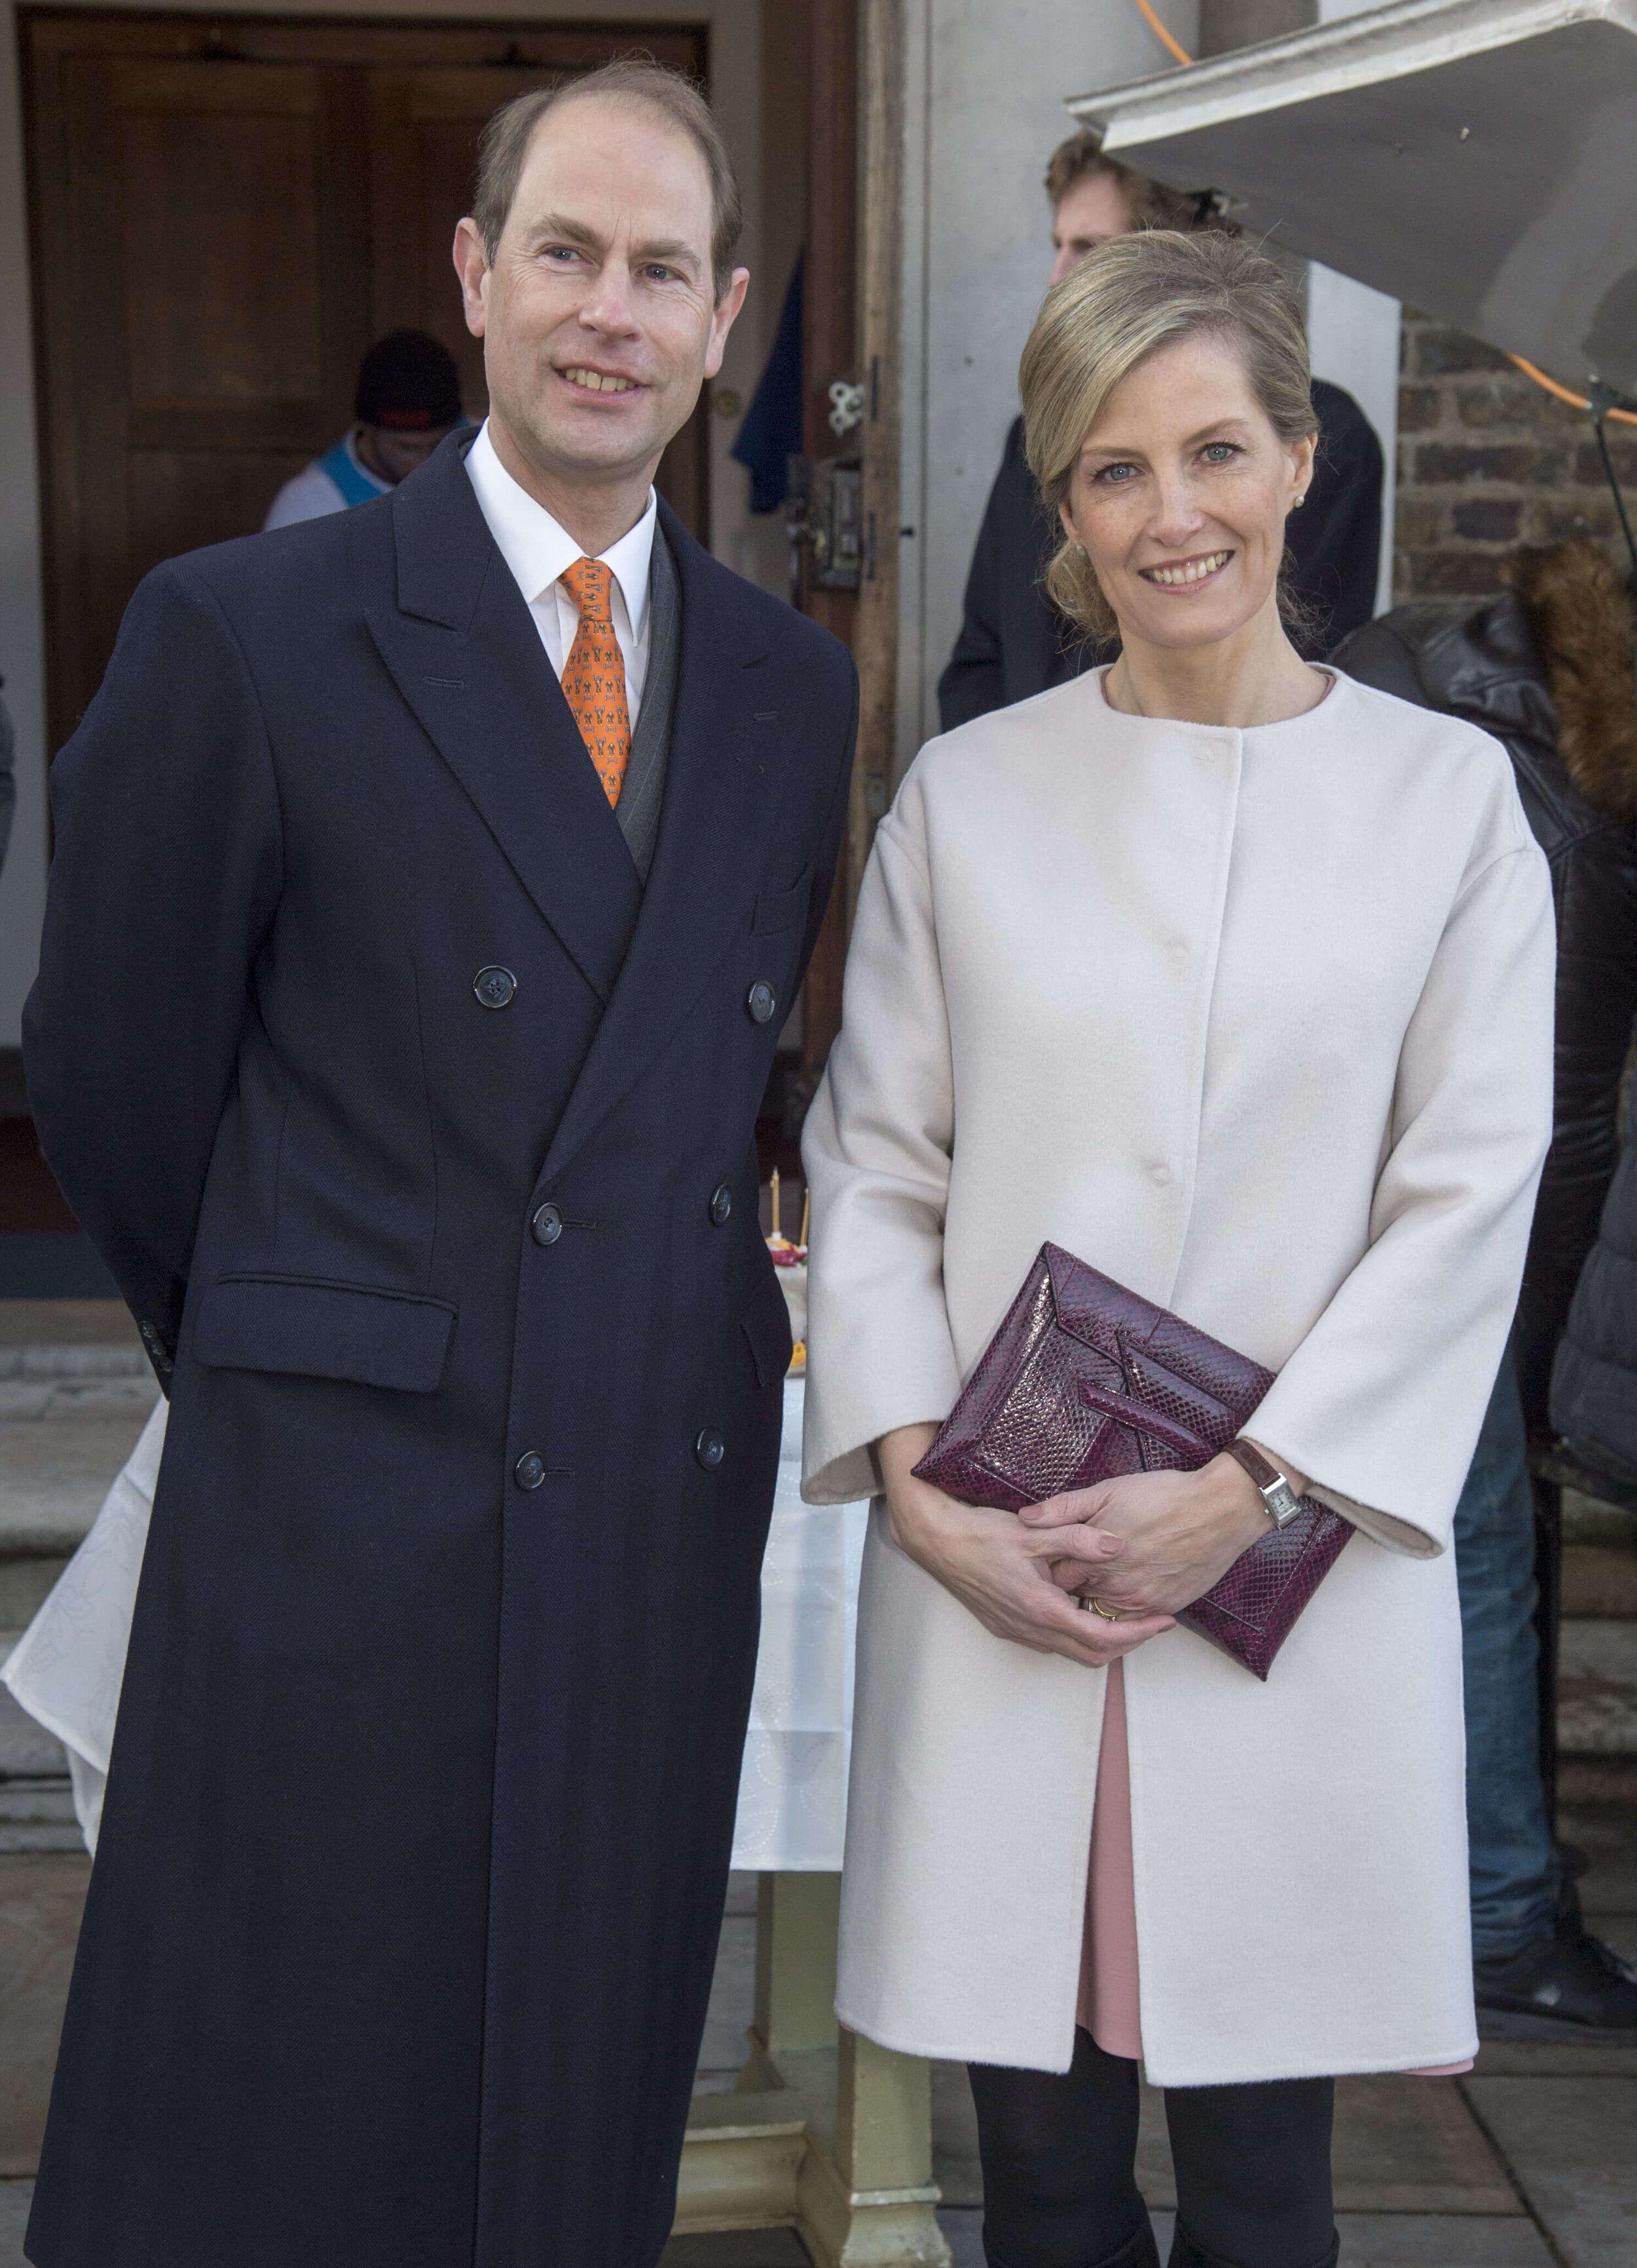 Prinz Edward Seine Schrage Leidenschaft In 2020 Kronprinzessin Victoria Prinzessin Madeleine Herzogin Kate